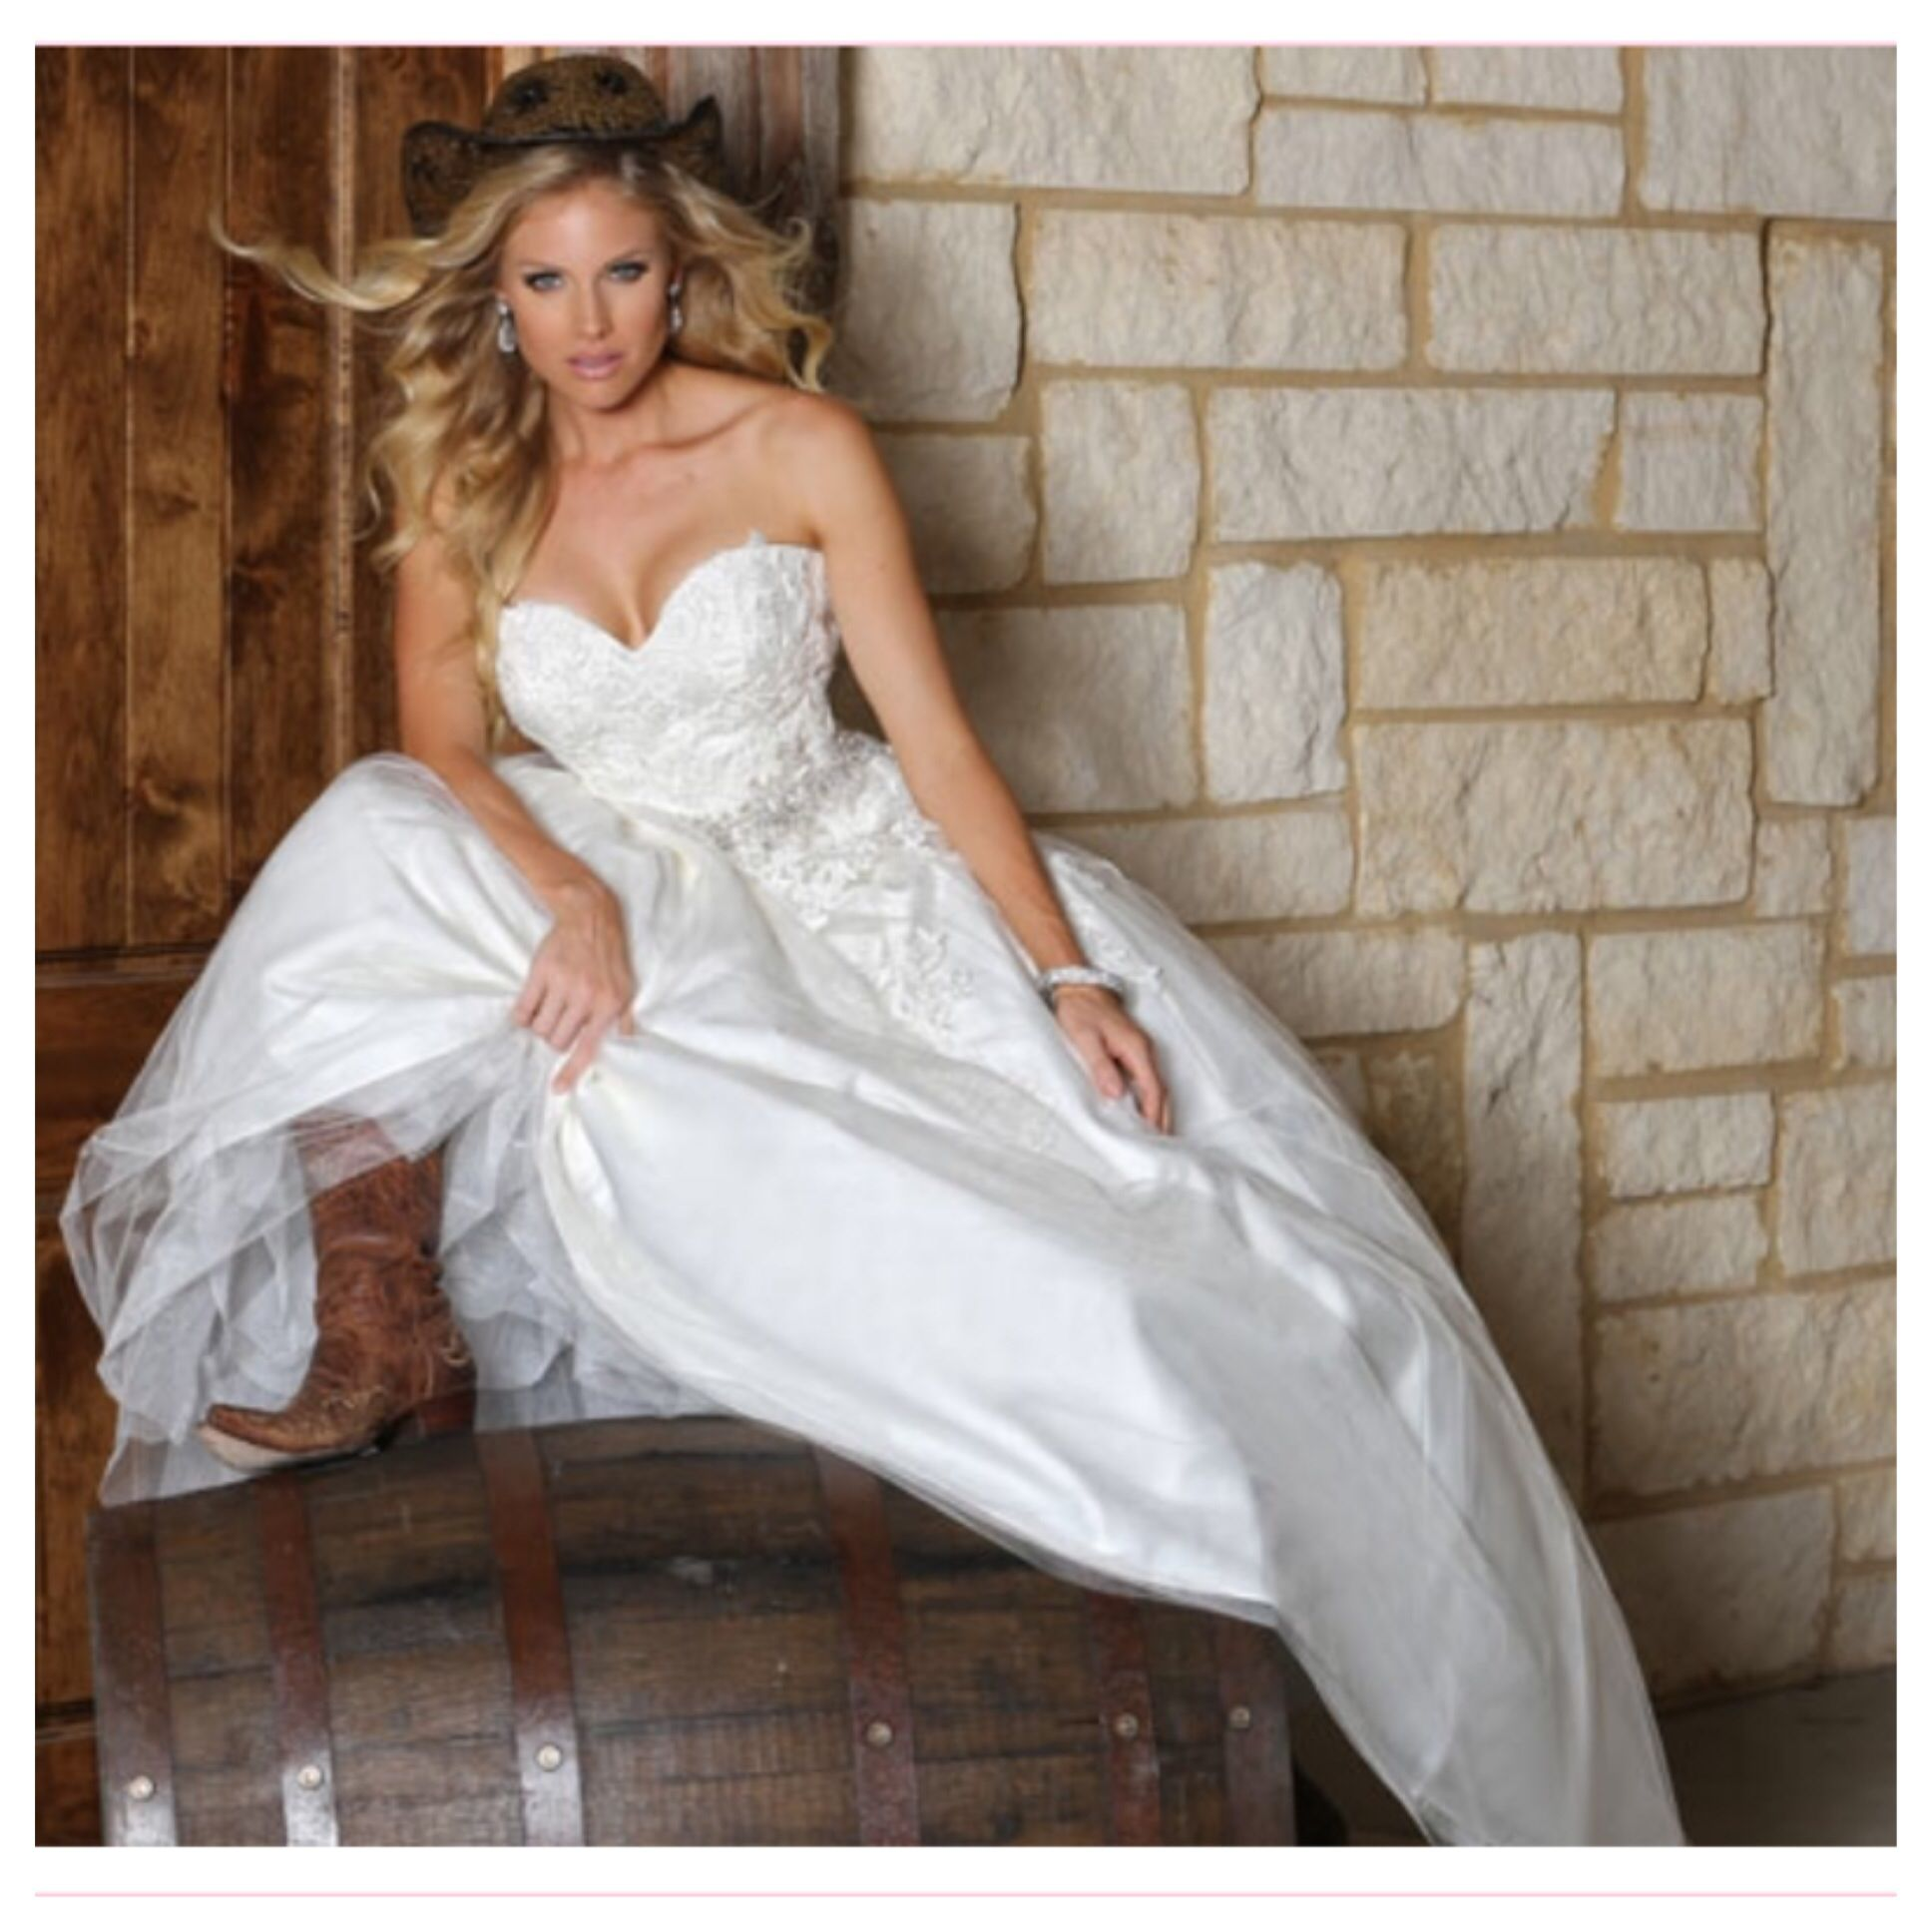 Da Vinci Wedding Gowns: Wedding Gowns, Designer Wedding Gowns